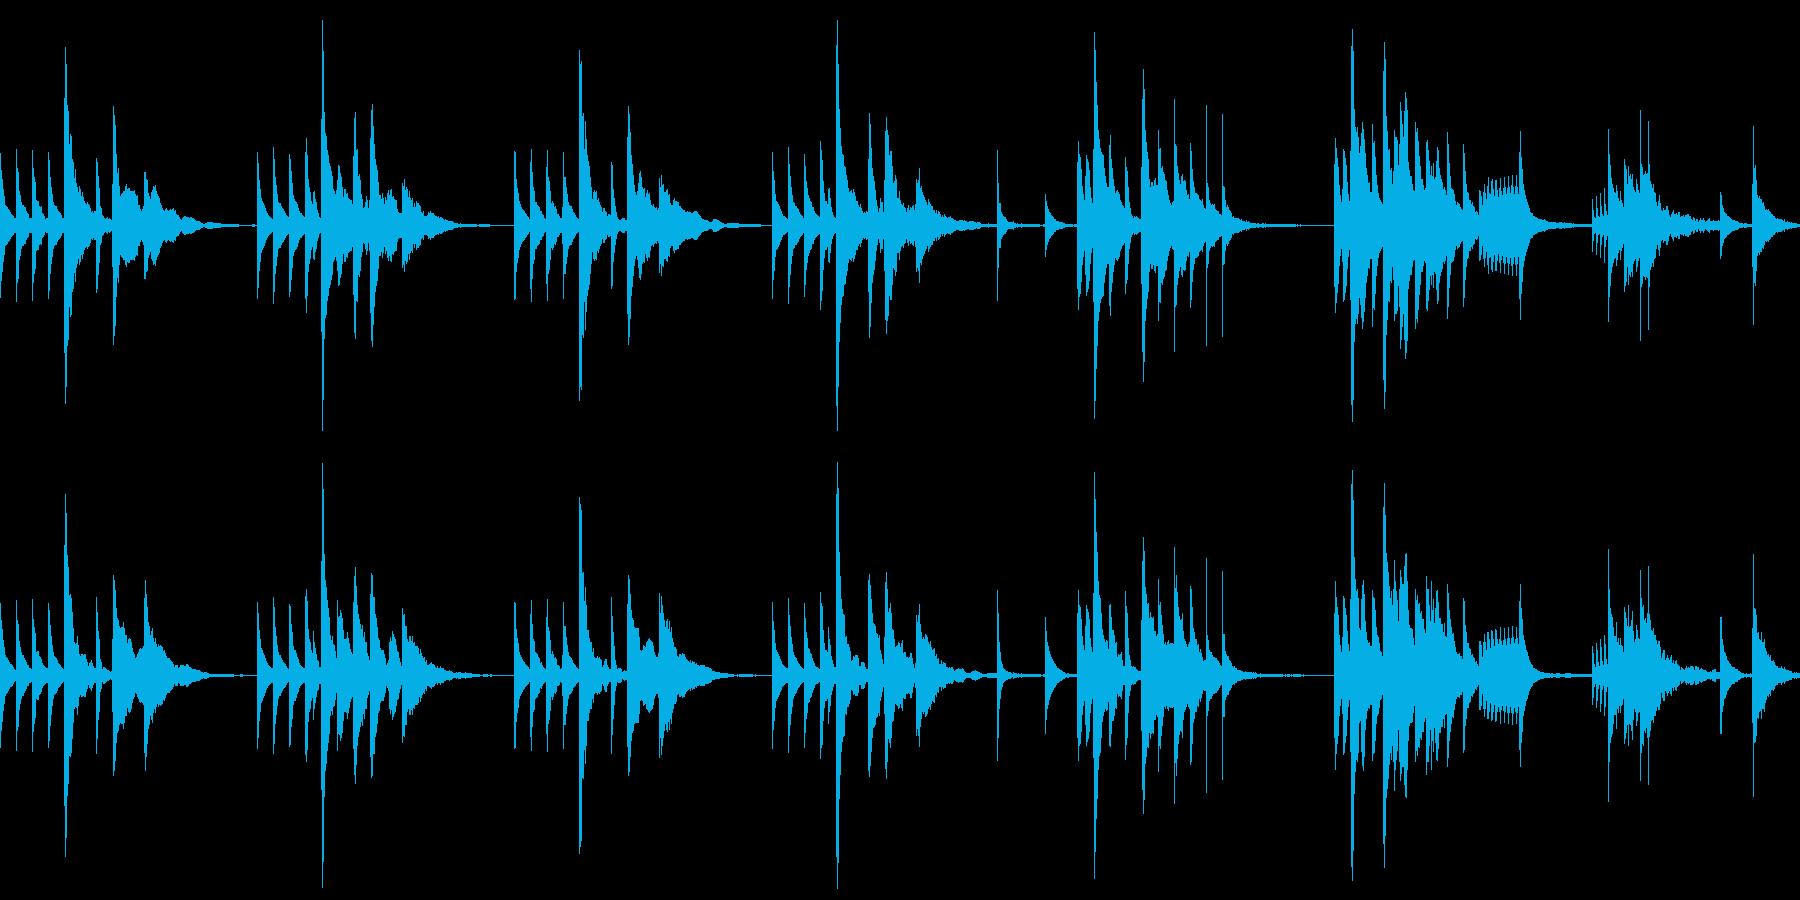 ループ仕様 怪しいジャズなグルメ番組風の再生済みの波形